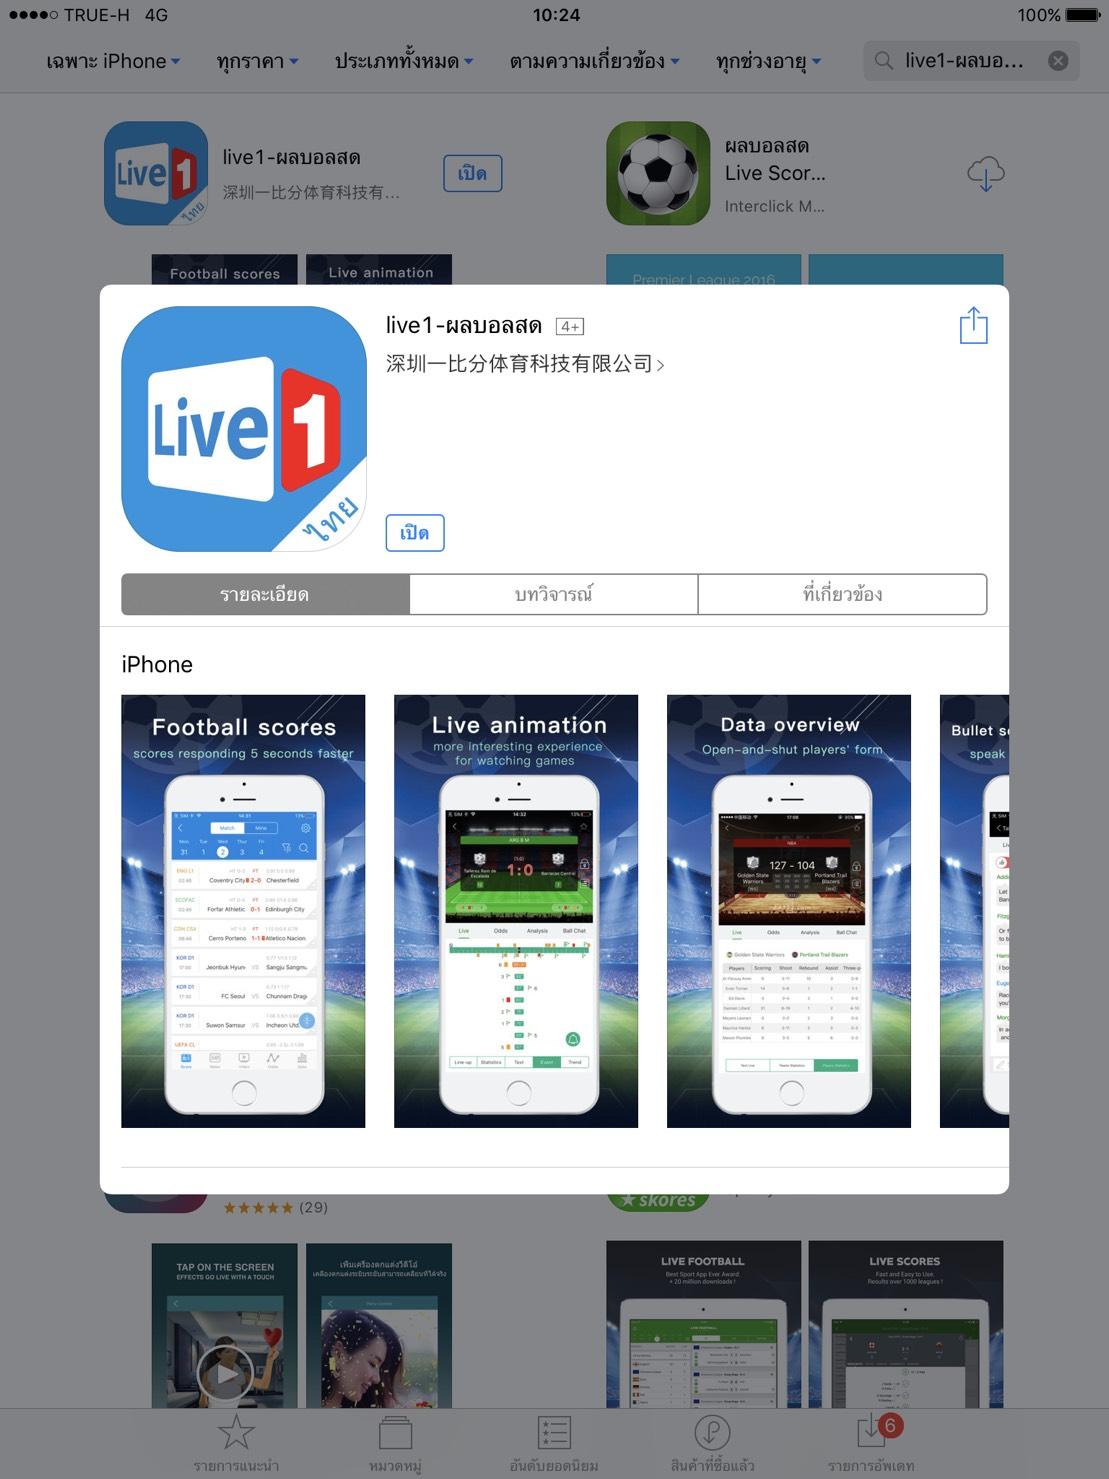 รีวิวแอพ: Appแอพดูบอลออนไลน์ฟรี